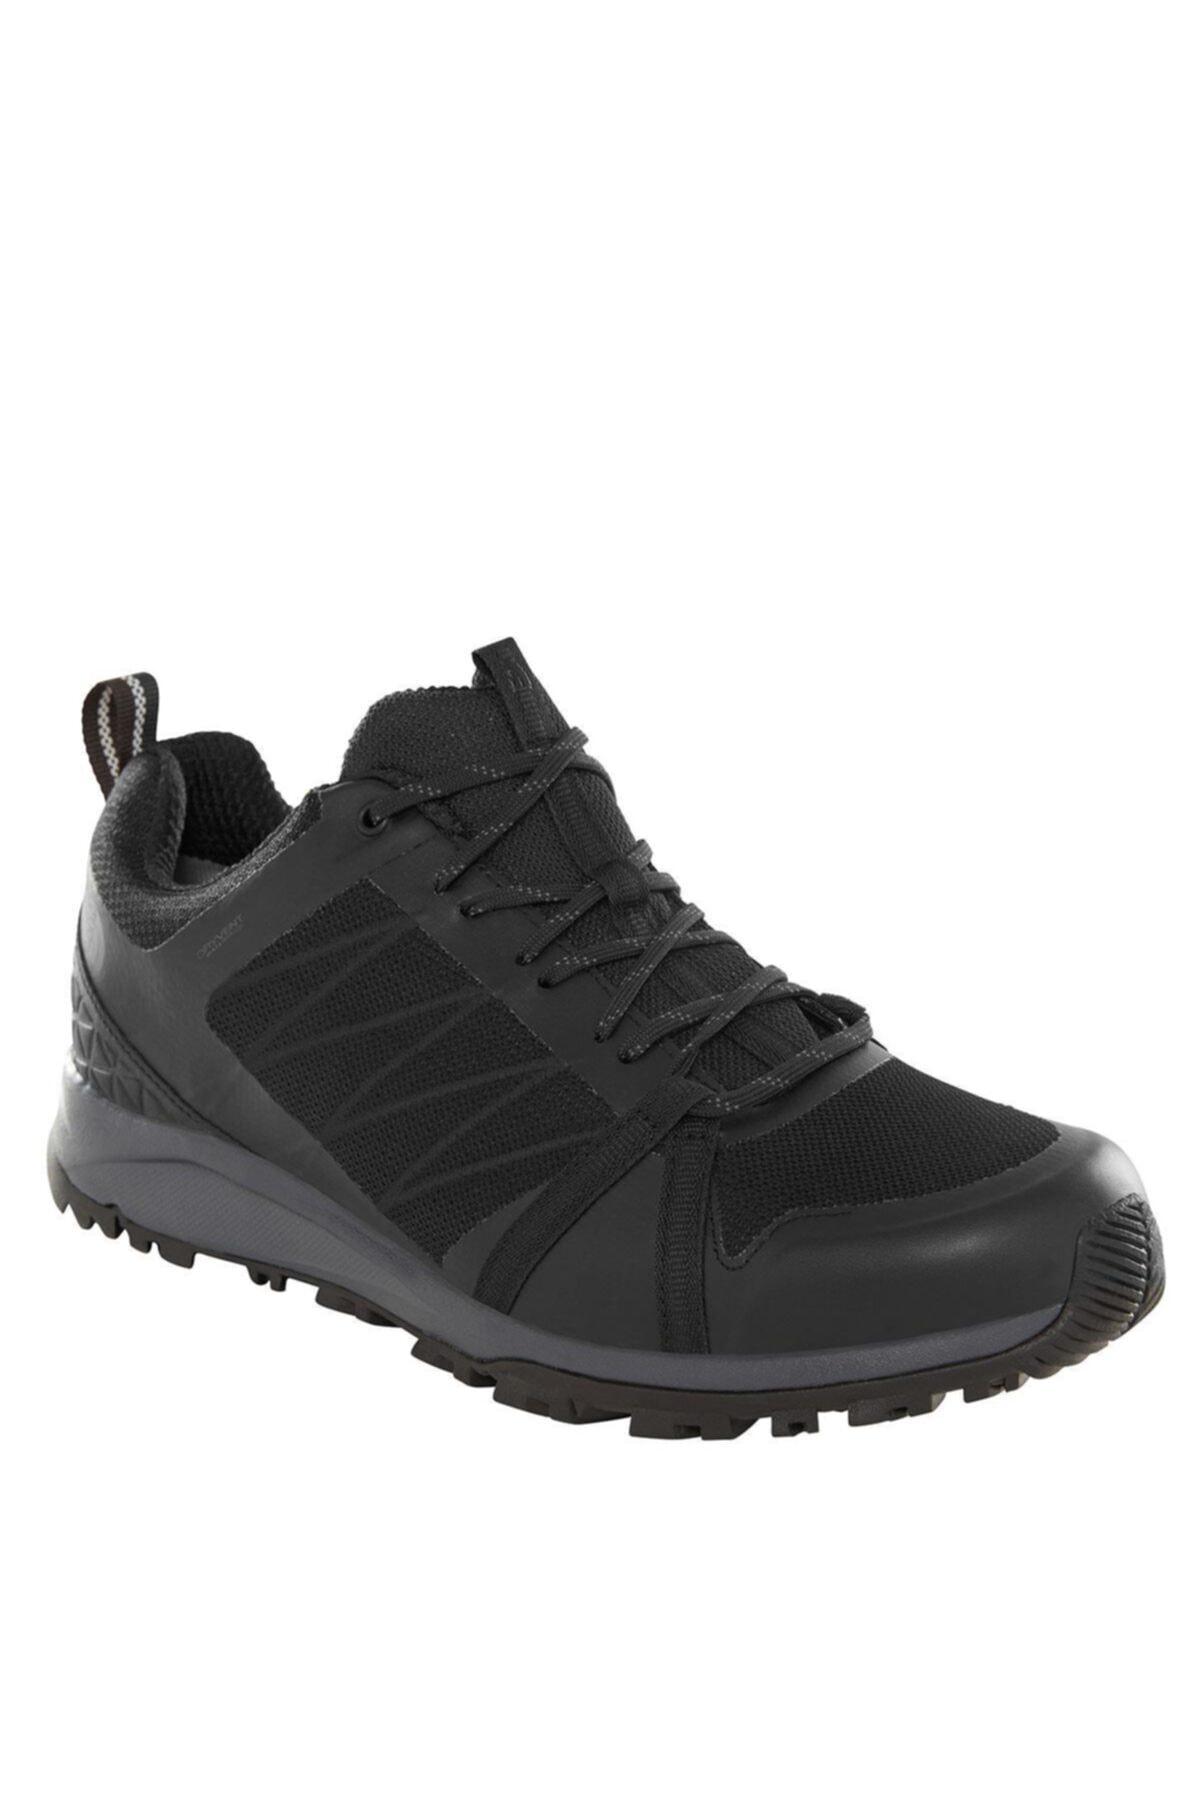 THE NORTH FACE Erkek Siyah Outdoor Ayakkabı 1